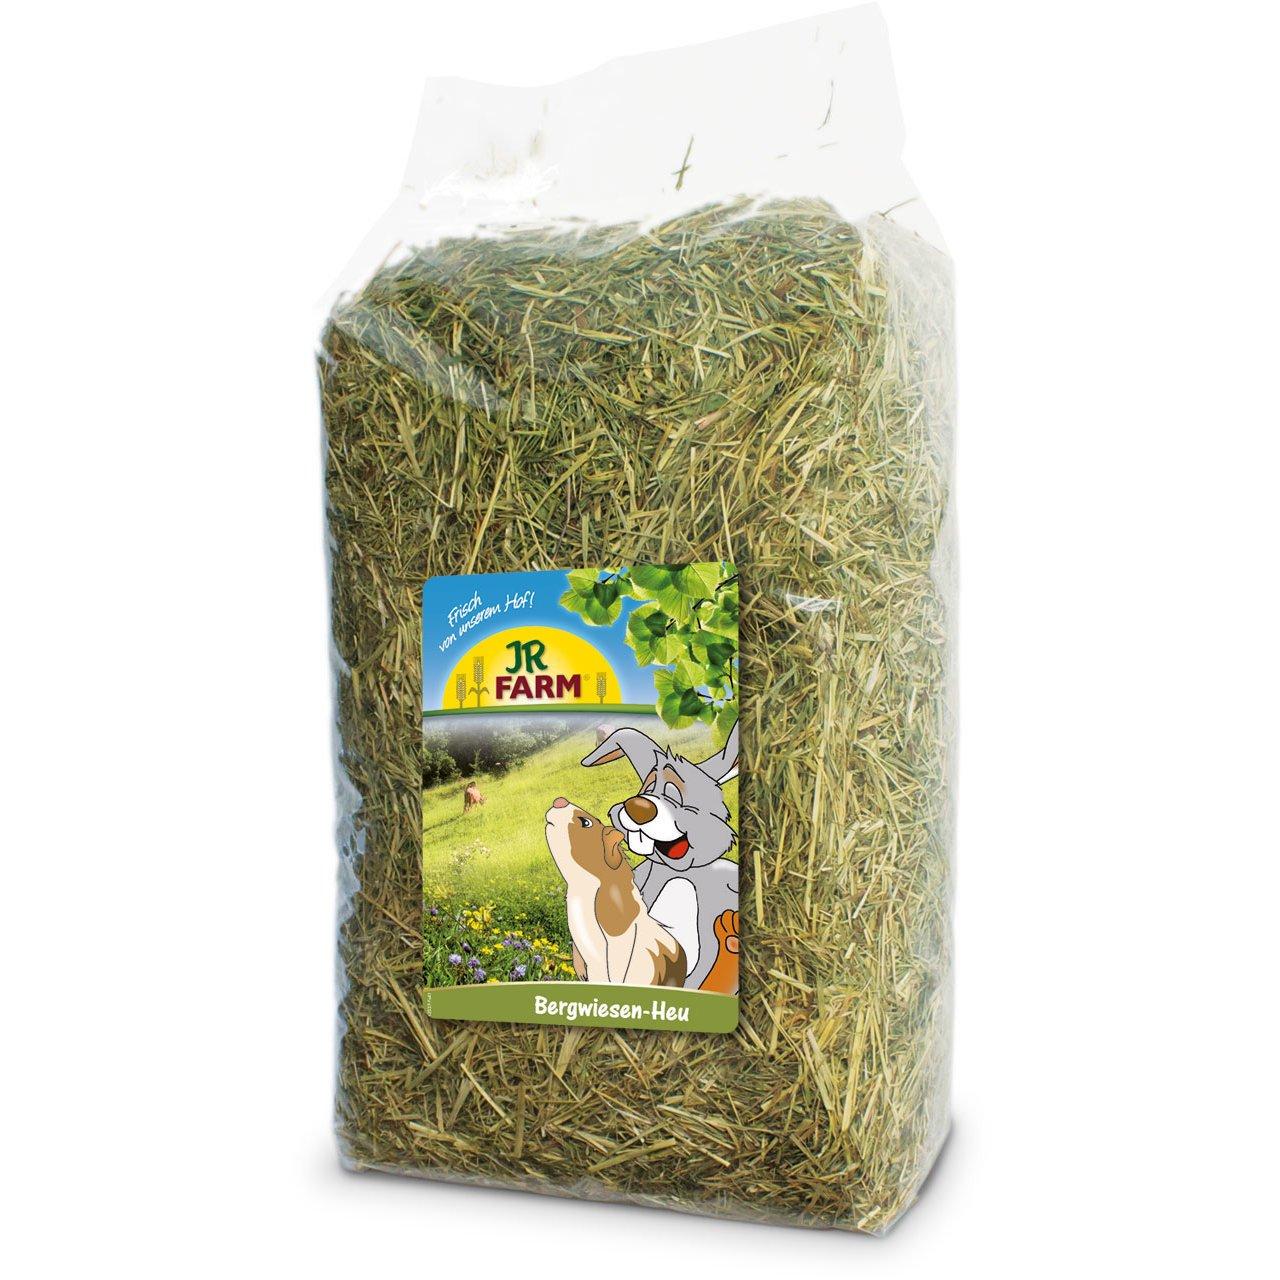 JR Farm Bergwiesenheu, 2,5 kg